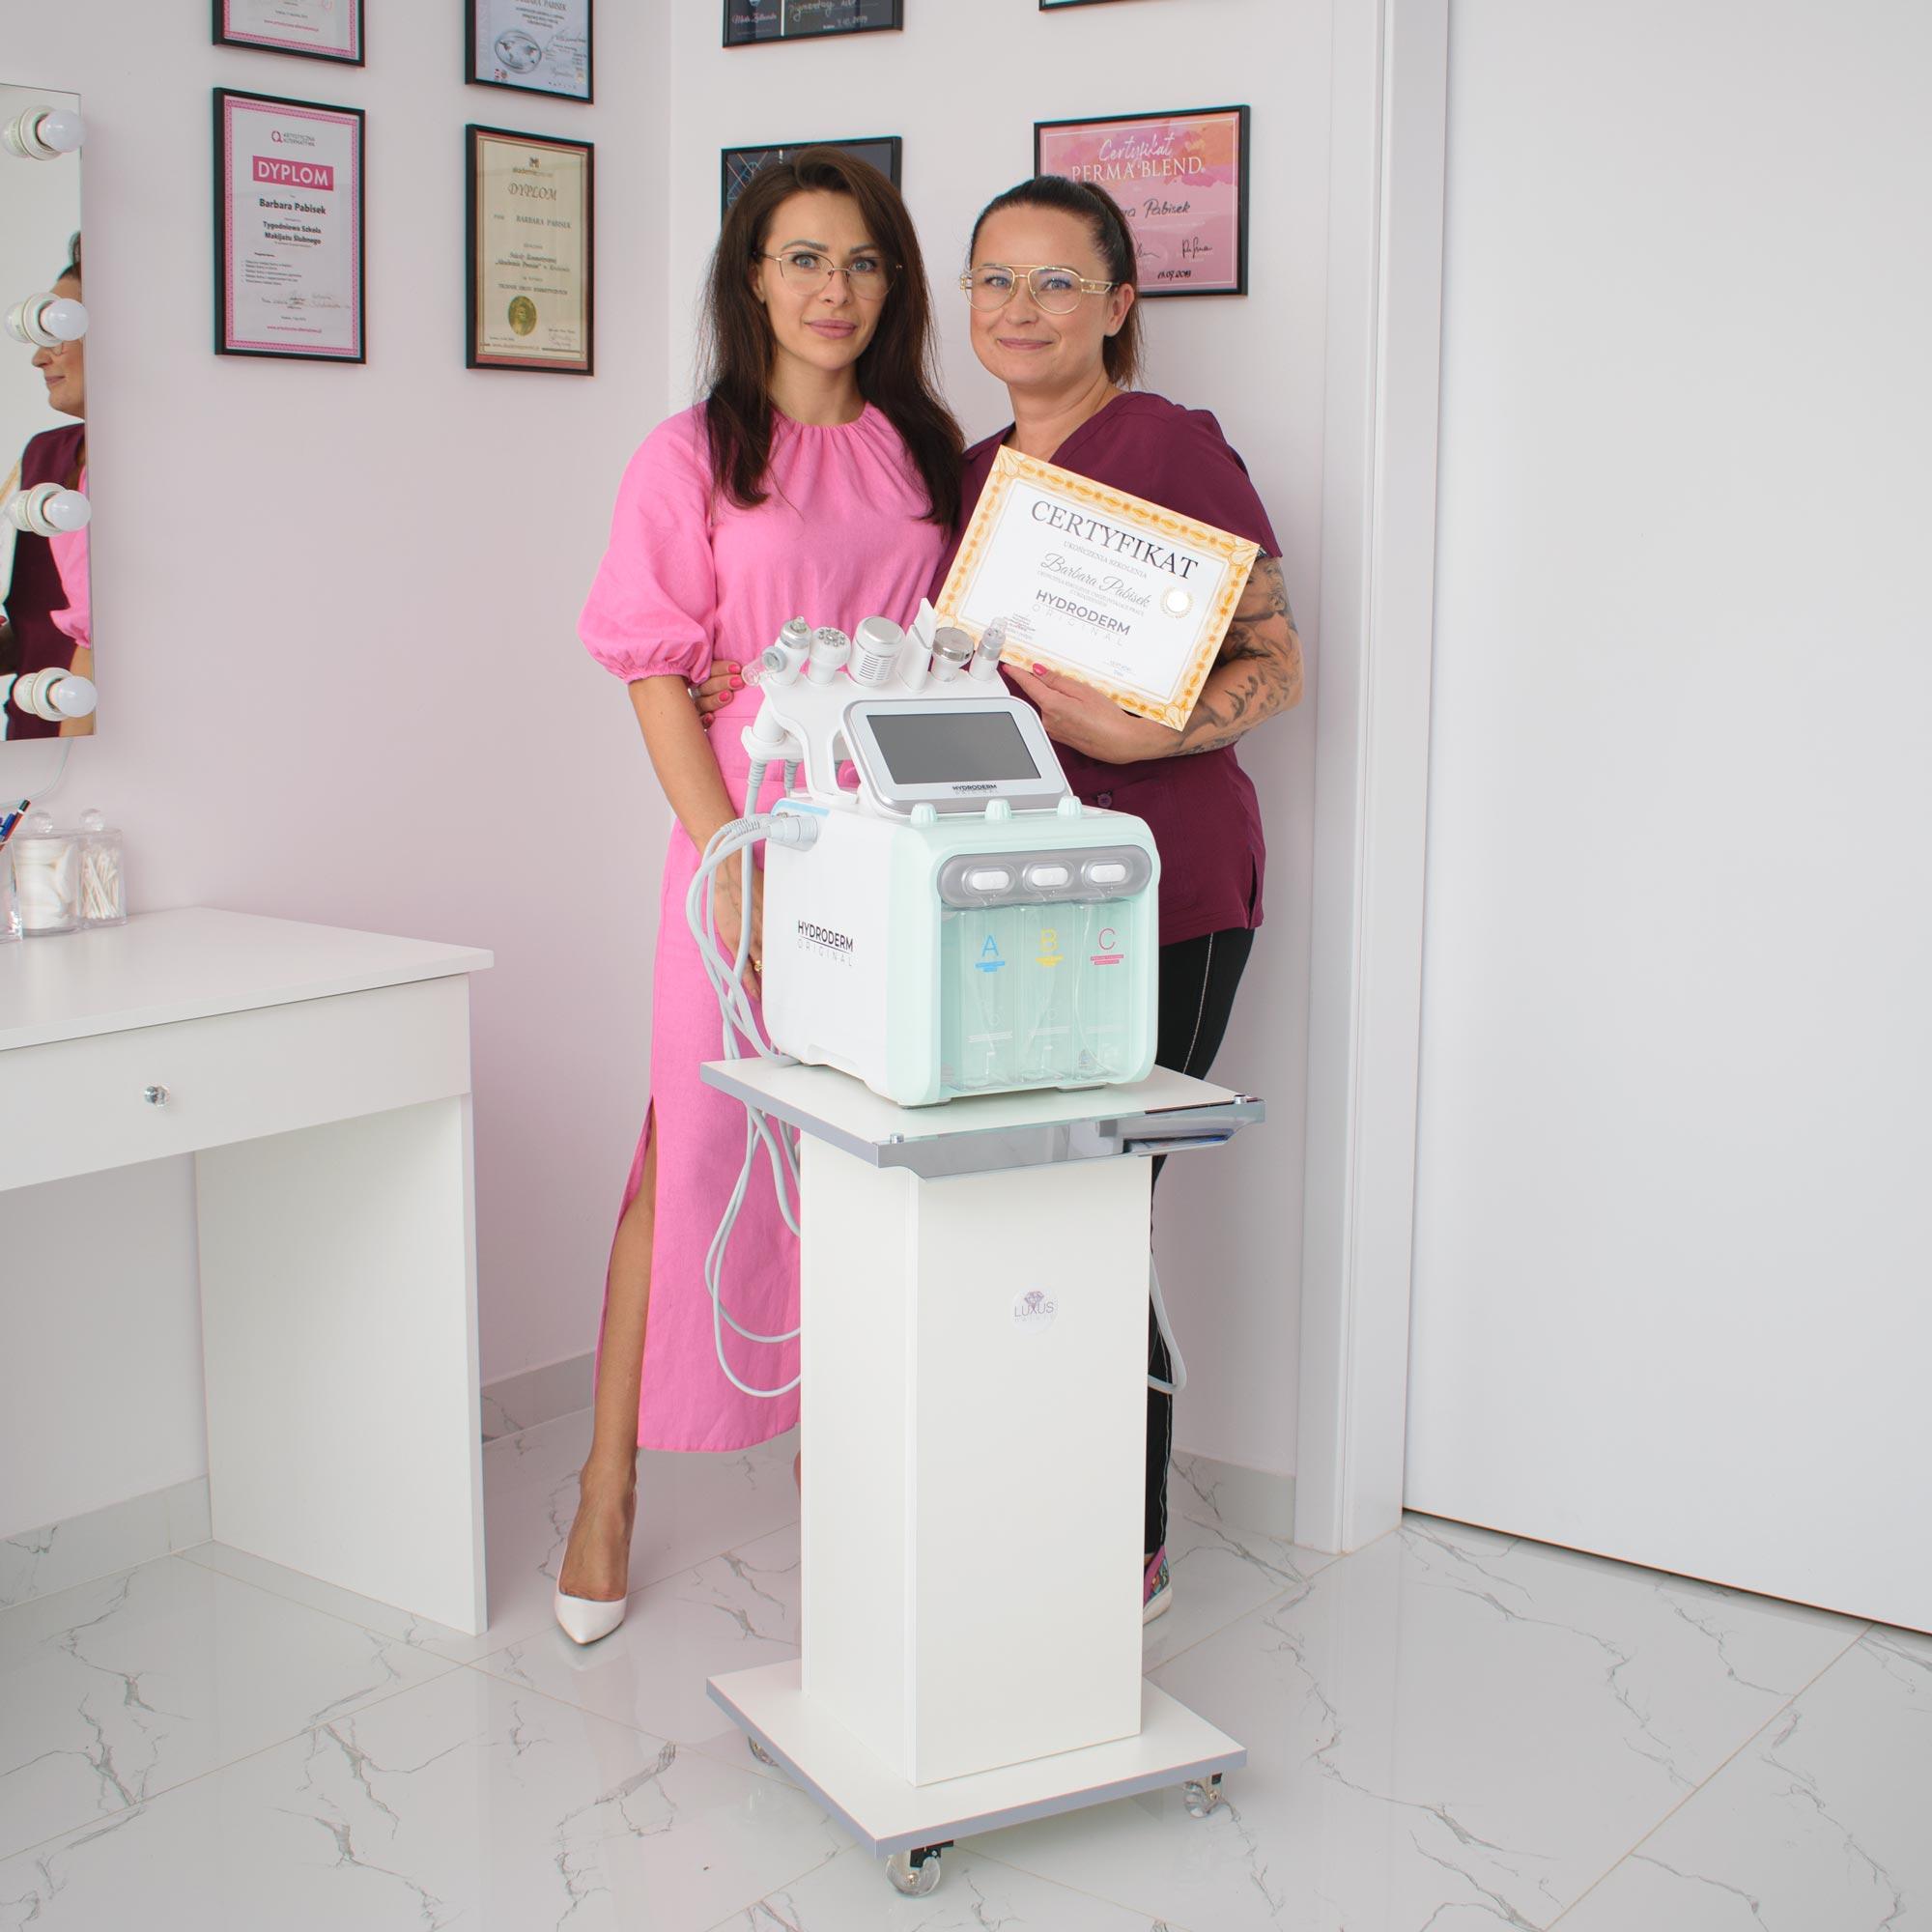 Na zakończenie kursu kosmetologicznego każdemu uczestnikowi wręczamy imienny certyfikat oryginalności kombajnu Hydroderm